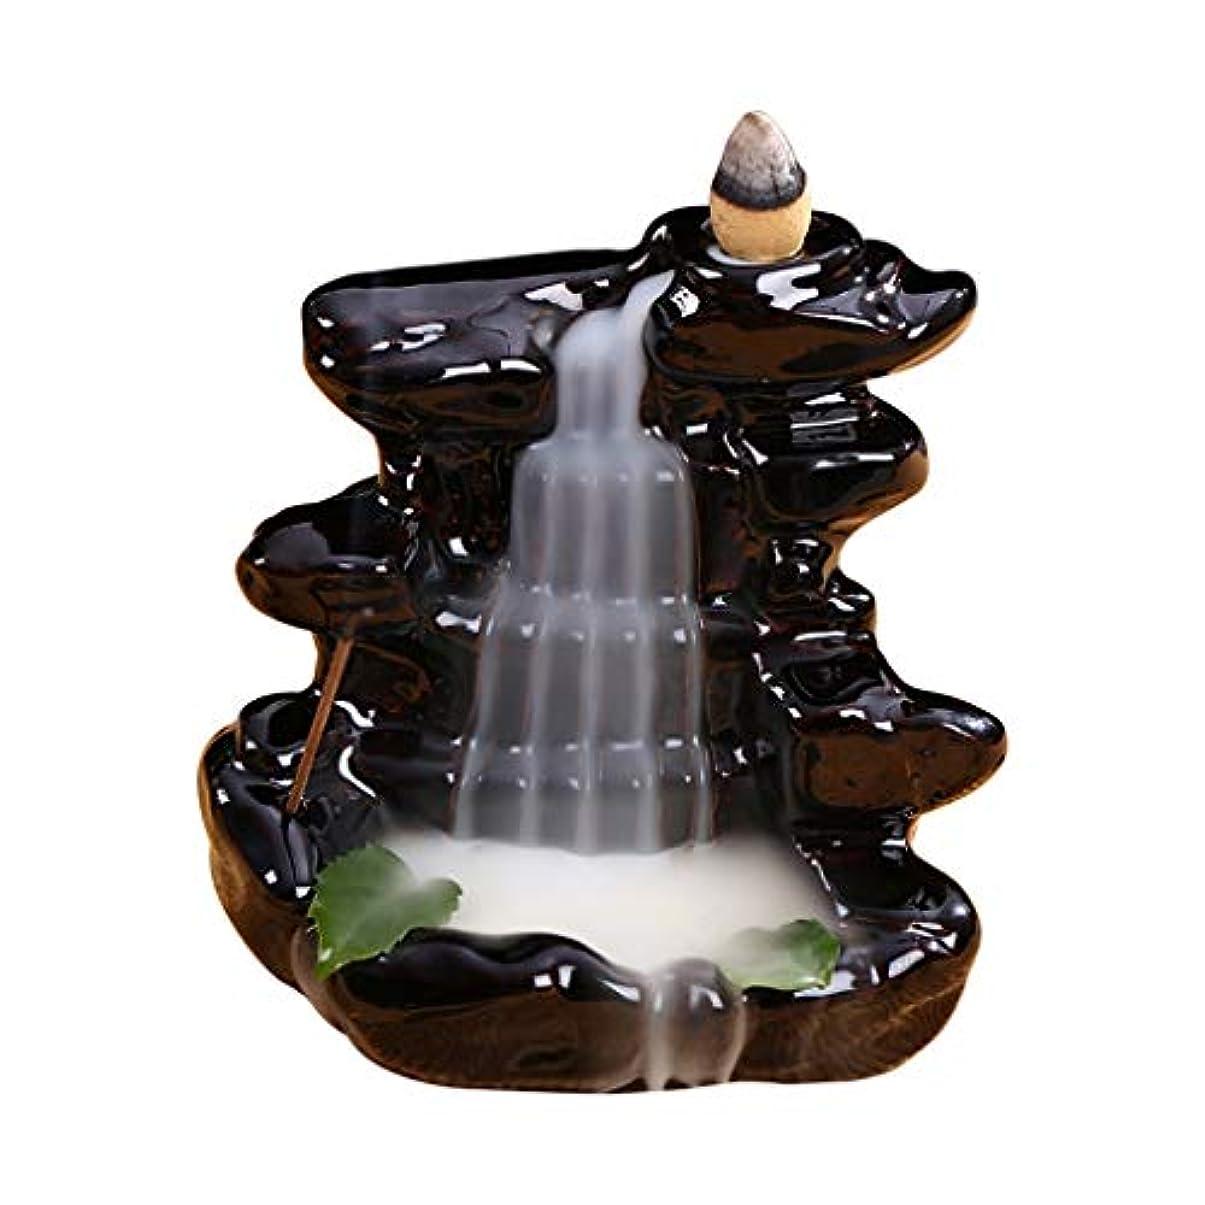 霧深い忠誠派生するクリエイティブ家の装飾逆流スティック香バーナーセラミック香炉家の装飾使用家茶屋滝香ホルダー (Color : Black, サイズ : 4.33*4.44 inches)